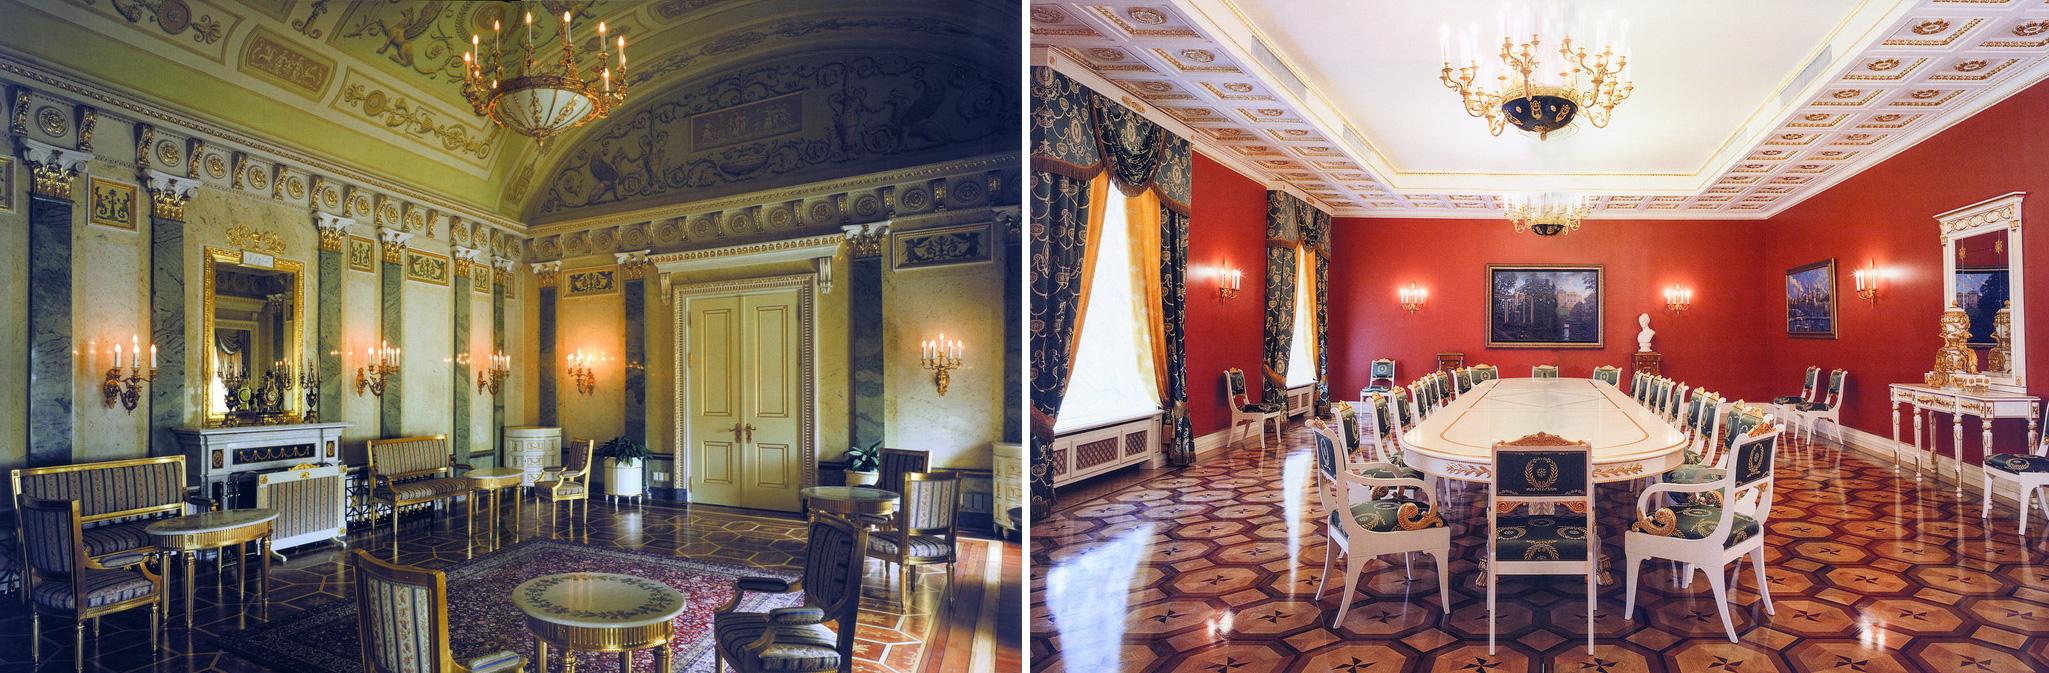 Hình ảnh sang trọng của nội thất Colombostile